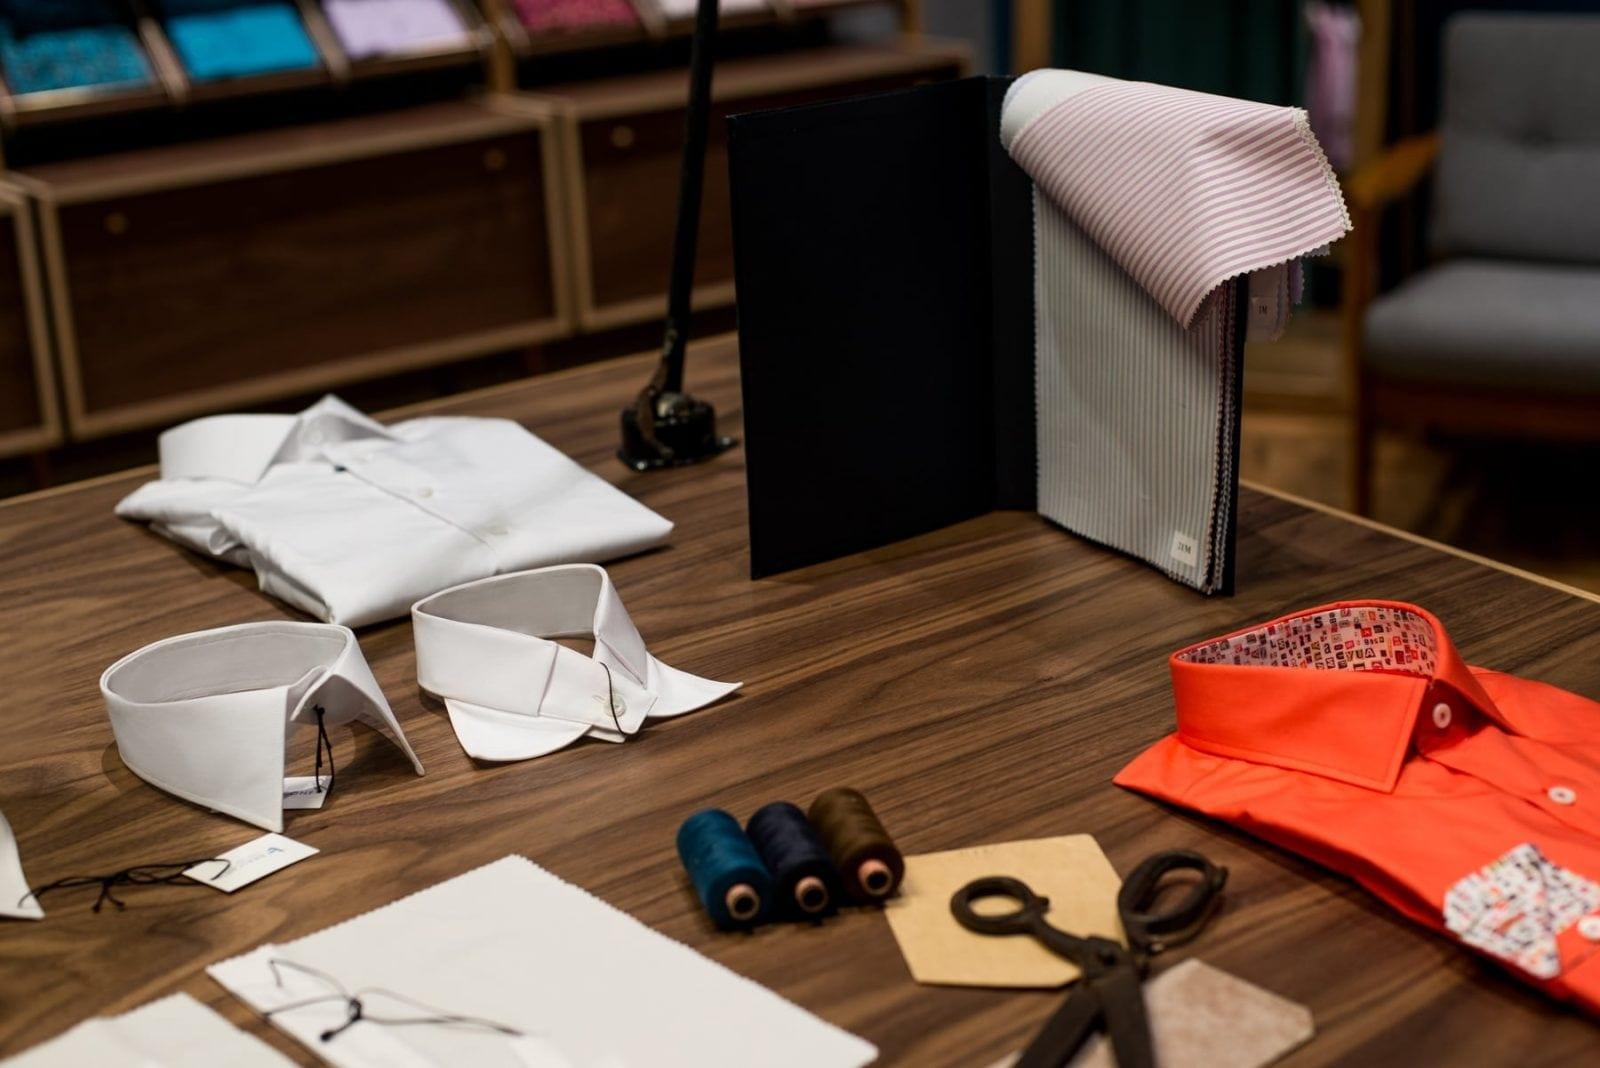 4 - Braiconf, în cadrul galeriilor comerciale The Grand Avenue din JW Marriott